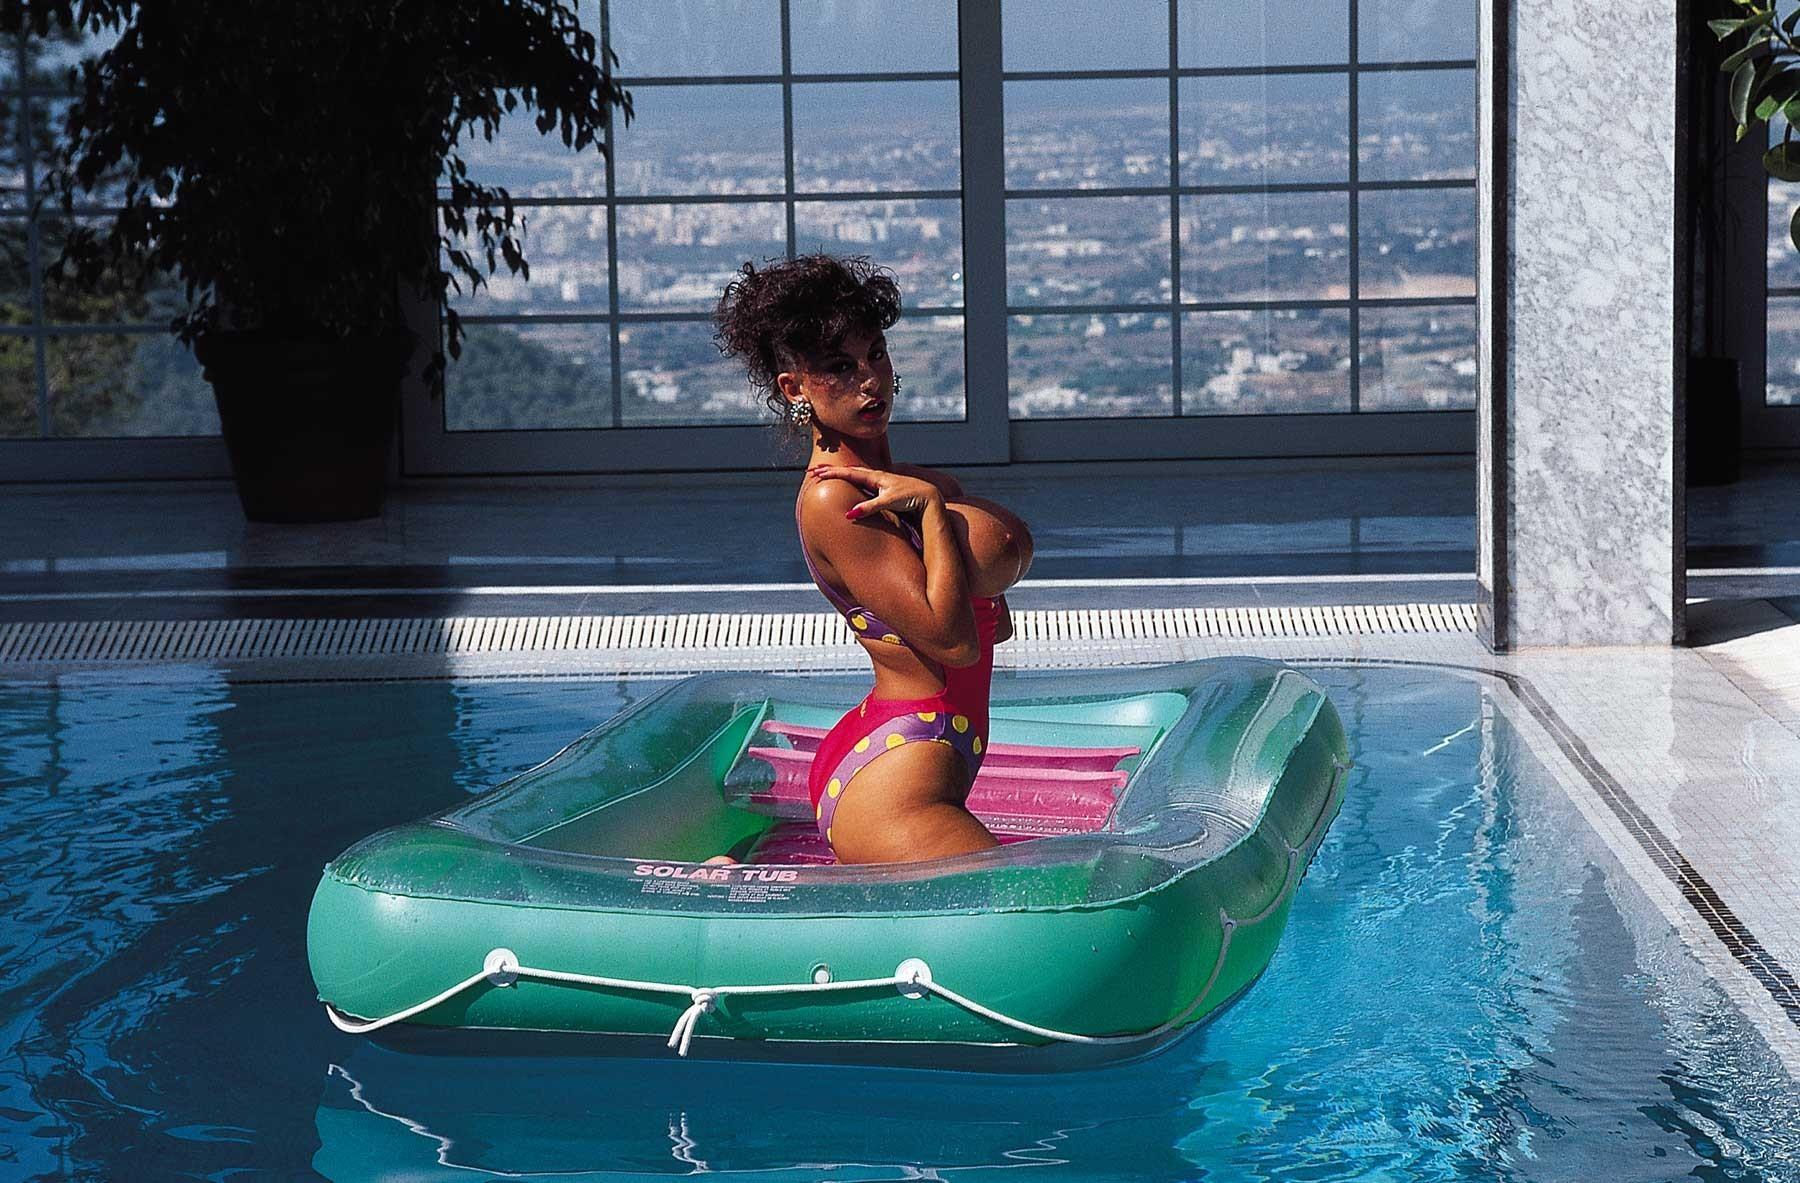 Английская модель с круглыми силиконовыми сиськами в бассейне